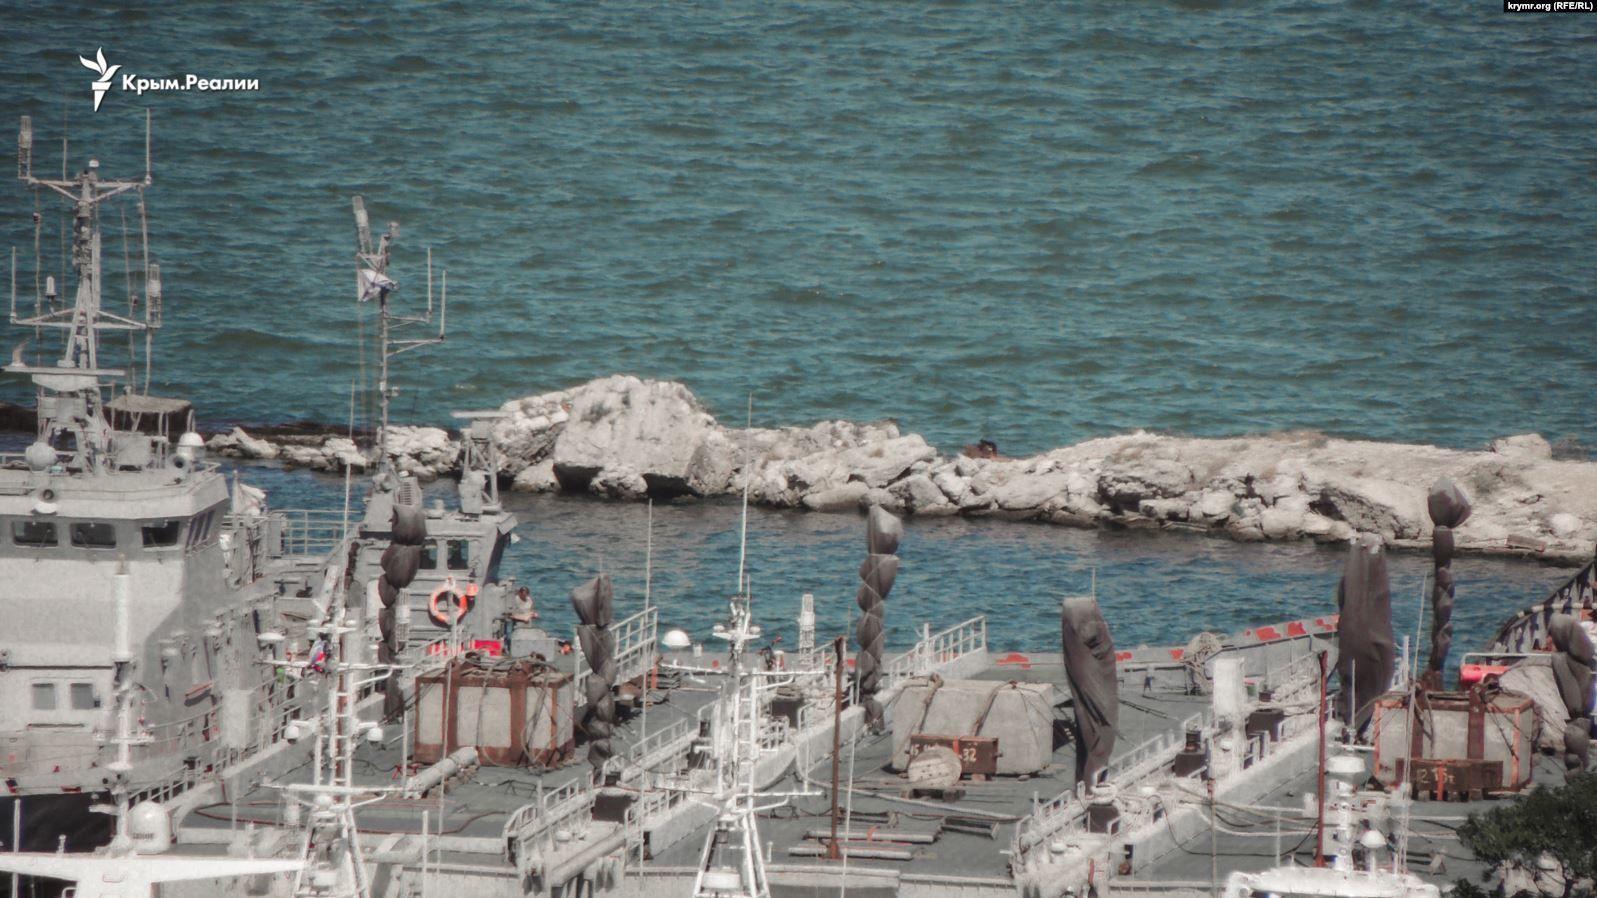 українські військові кораблі, захоплені біля Керчі